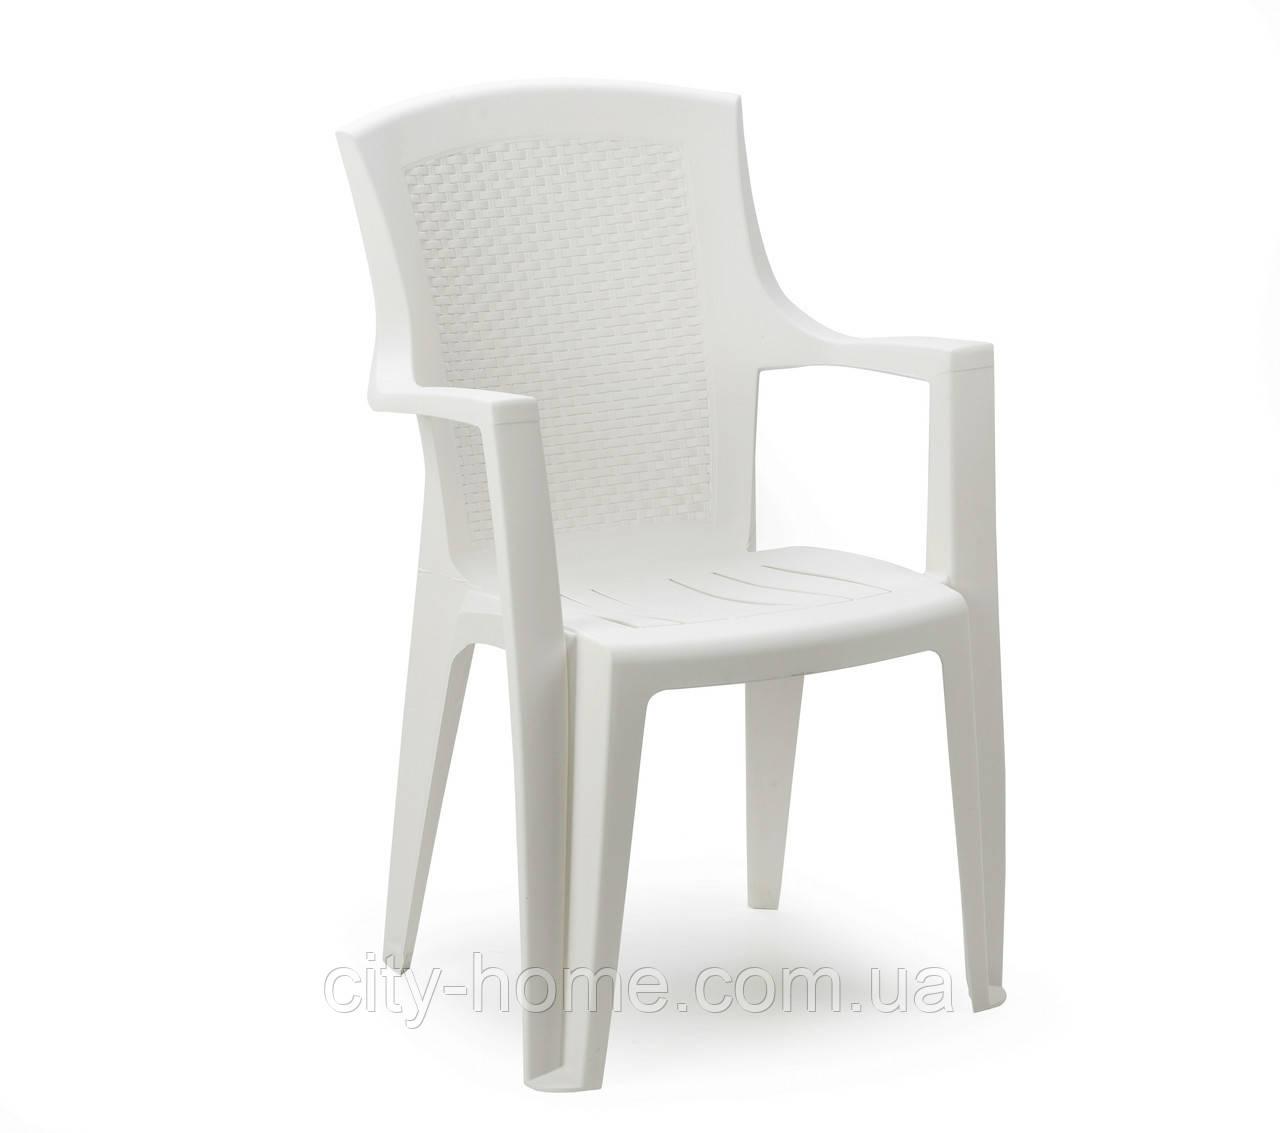 Кресло пластиковое Eden белое